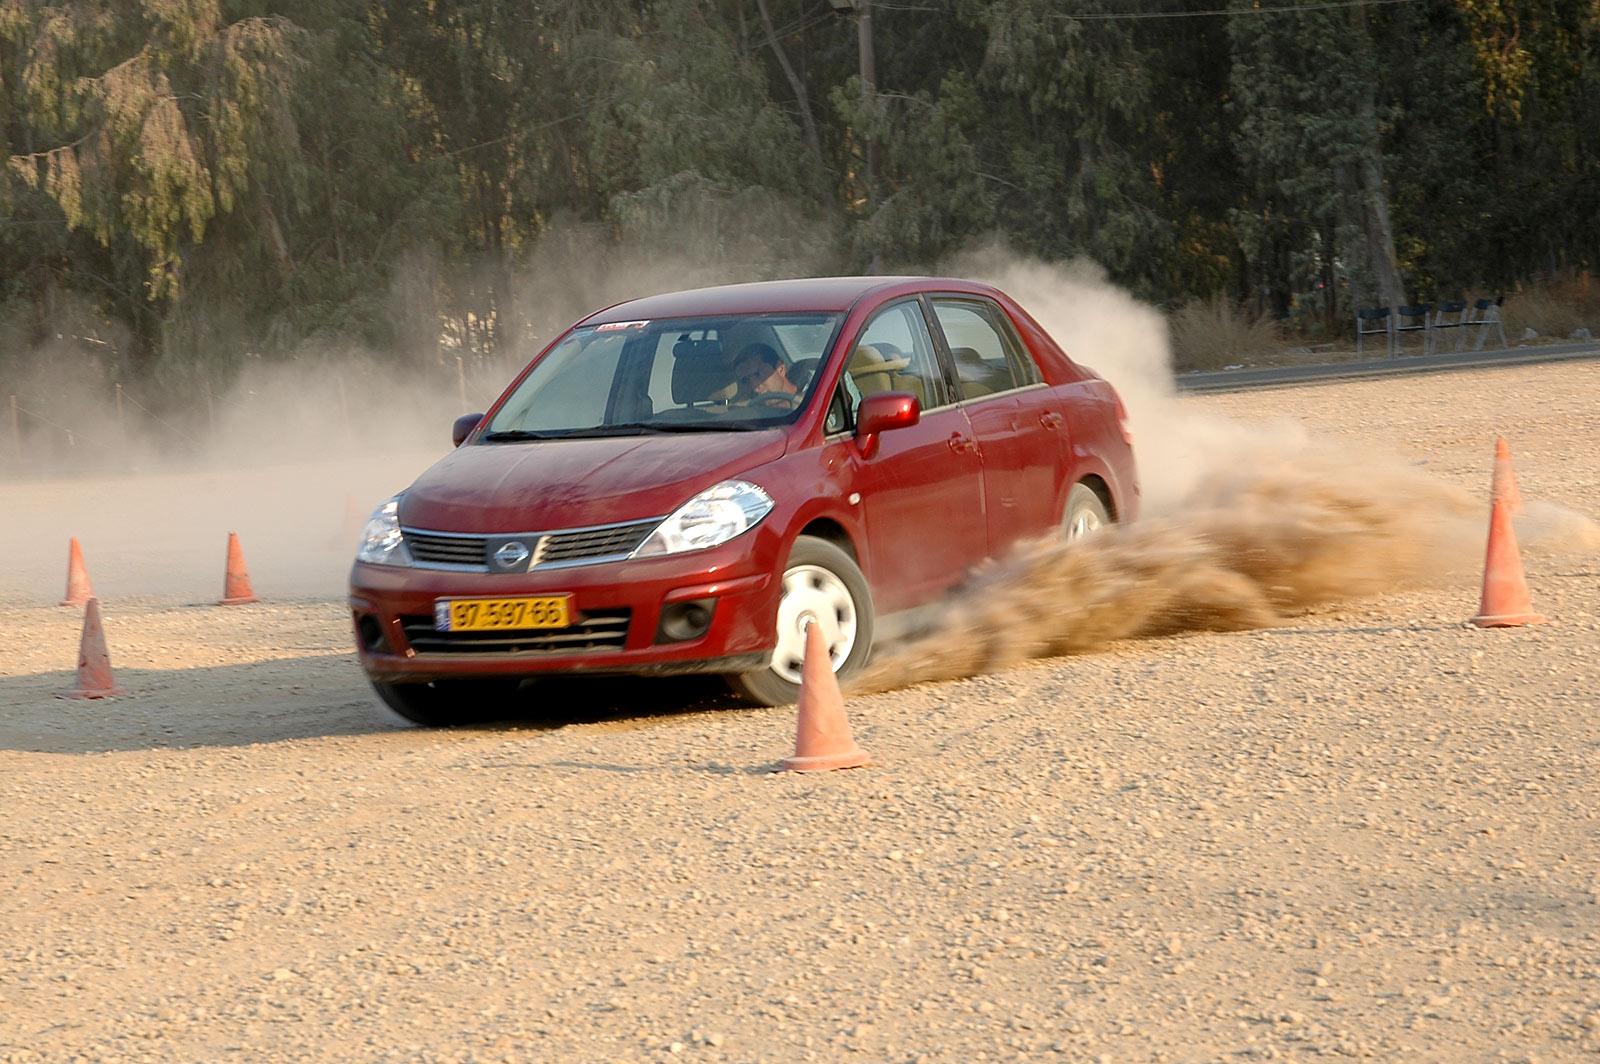 כביש / ספורט - הדרכות נהיגה